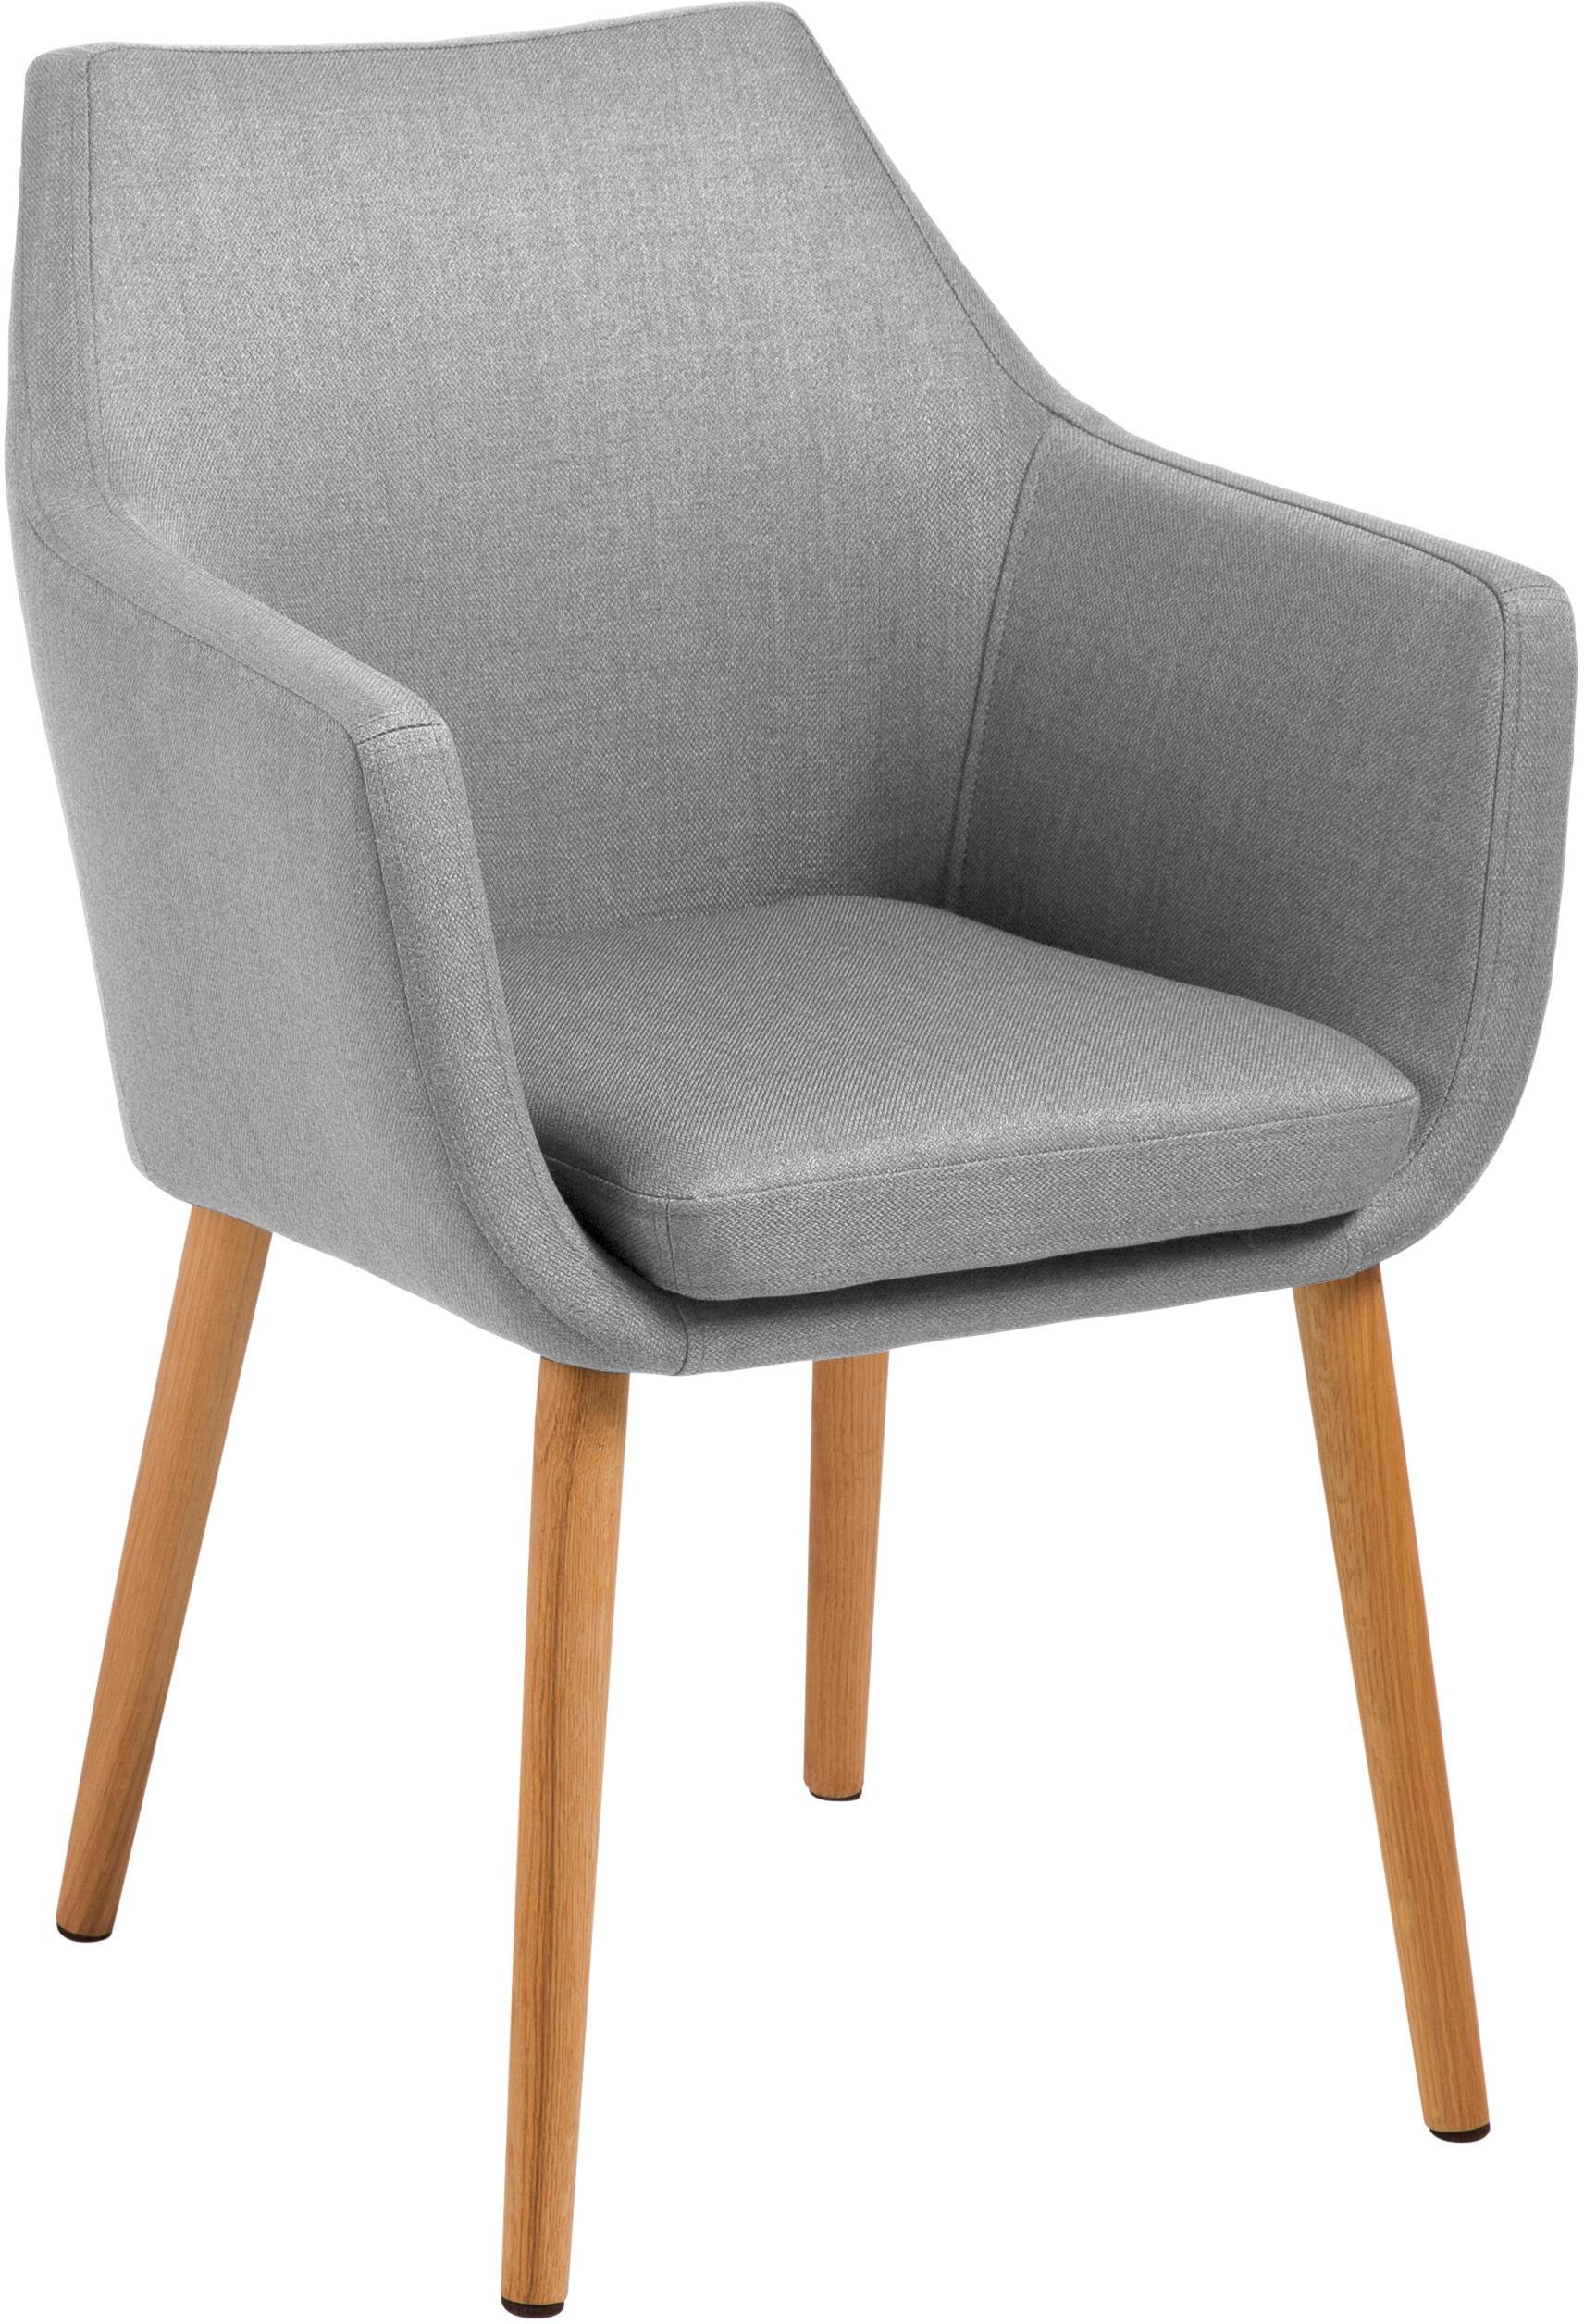 Krzesło z podłokietnikami scandi Nora, Tapicerka: 100%poliester, Nogi: drewno dębowe, Tapicerka: jasny szary Rama: drewno dębowe, S 58 x W 84 cm